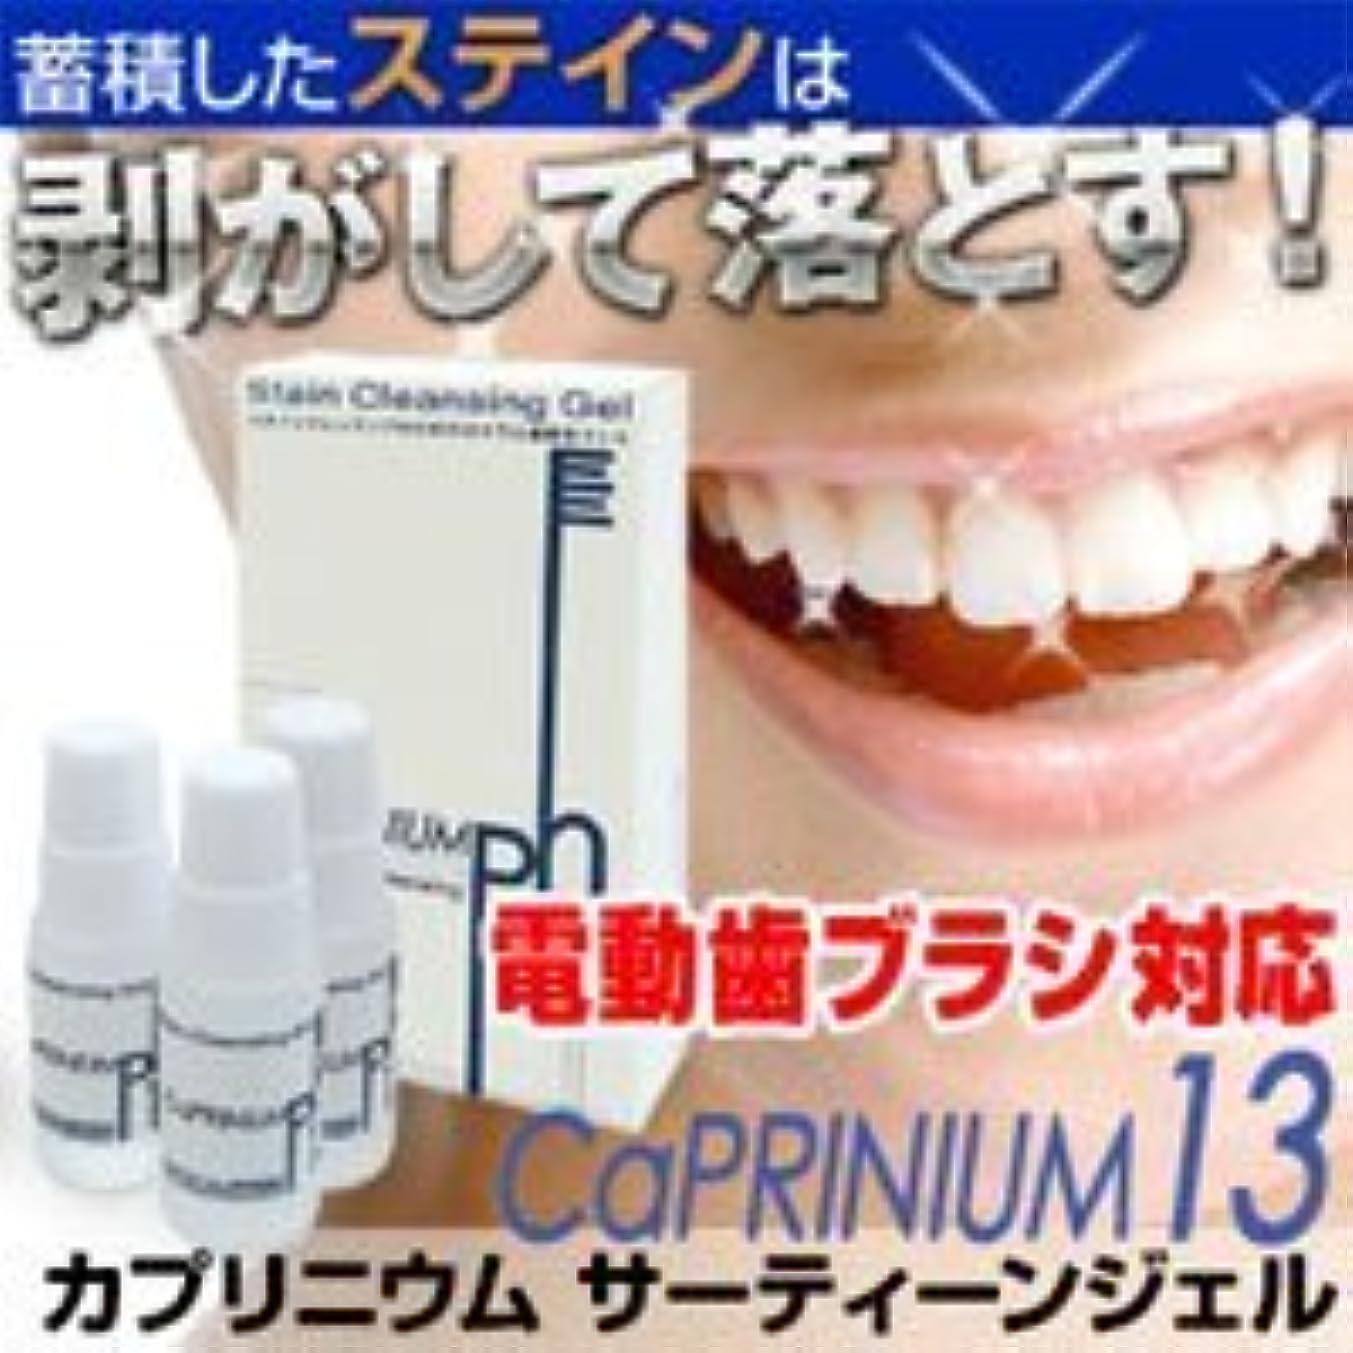 正統派財政注文カプリジェル(カプリニウムサーティーンジェル)10g×3個(1か月分) 電動歯ブラシ対応歯磨きジェル